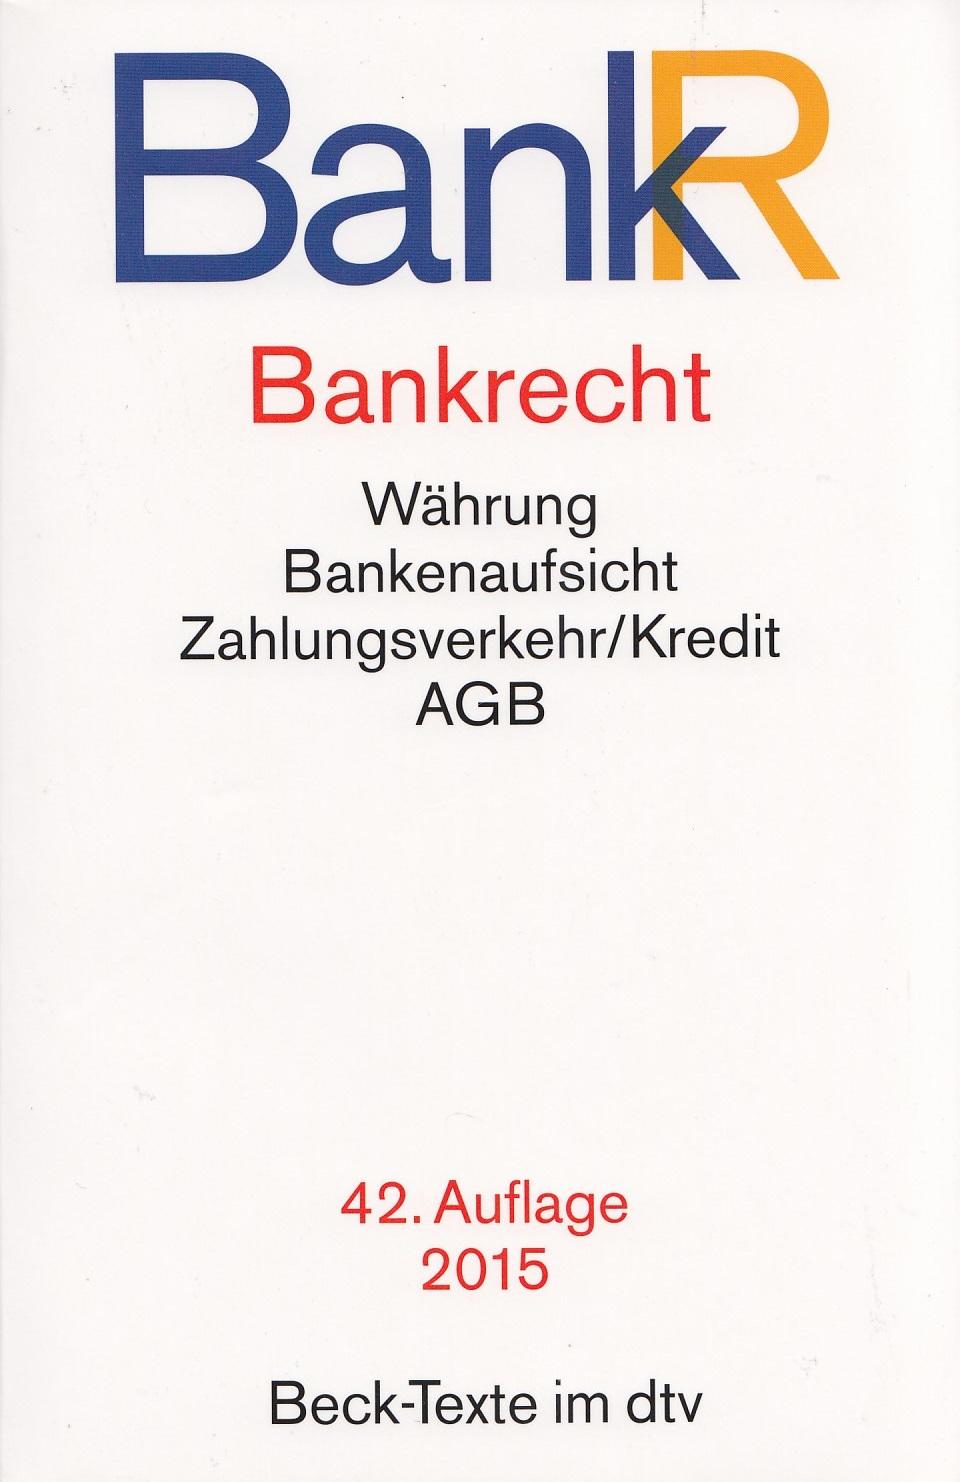 BankR - Bankrecht: Währung, Bankenaufsicht, Zahlungsverkehr/Kredit, AGB [Taschenbuch, 42. Auflage 2015]